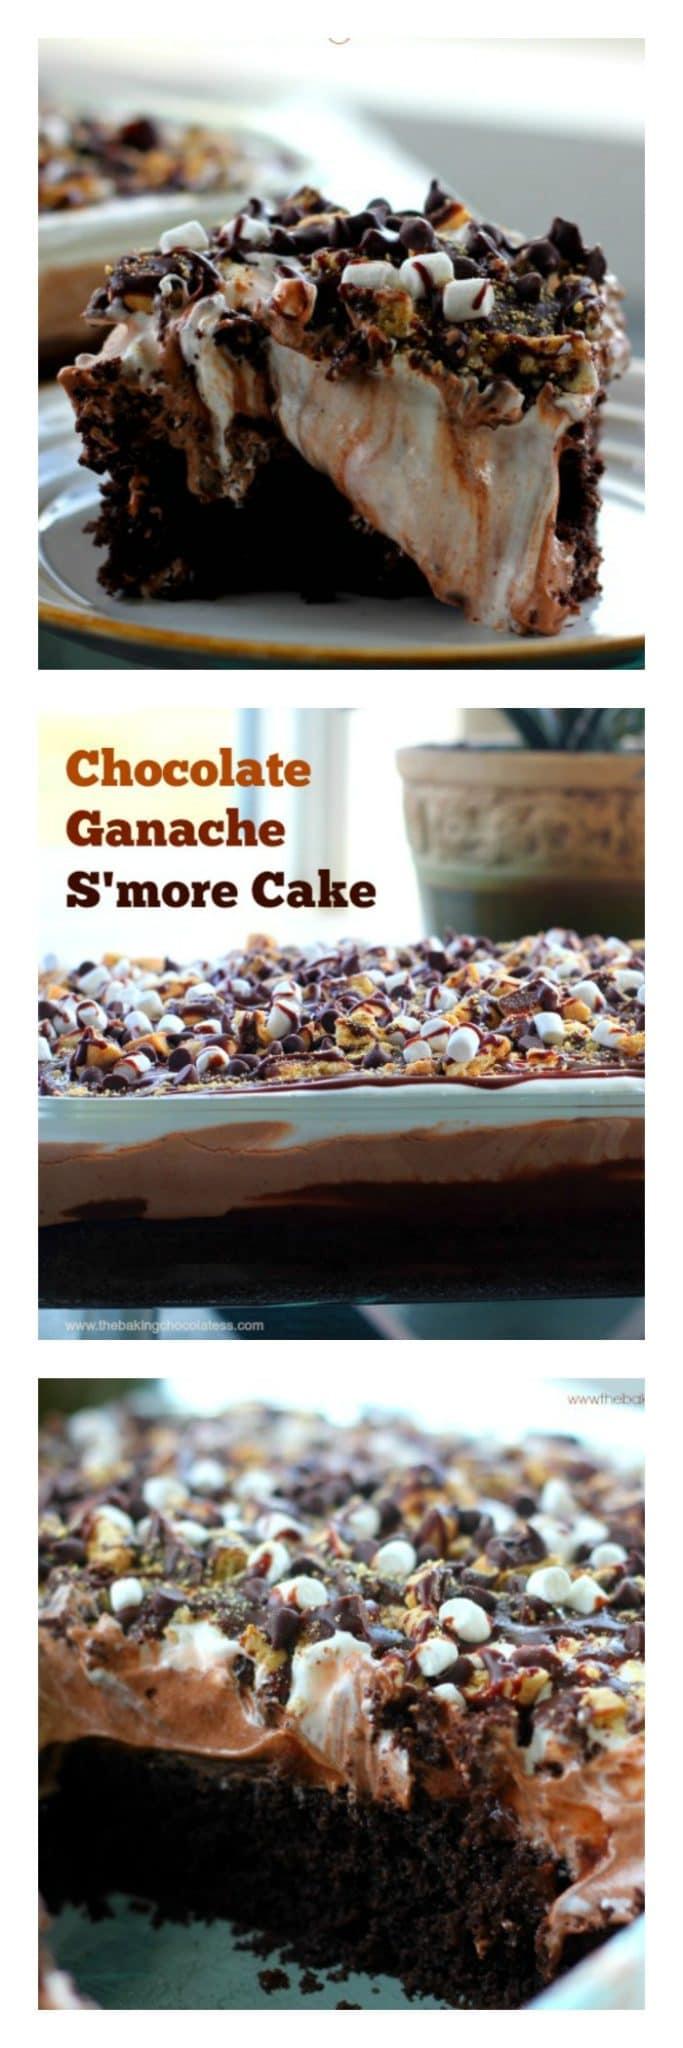 Chocolate Ganache S'More Cake